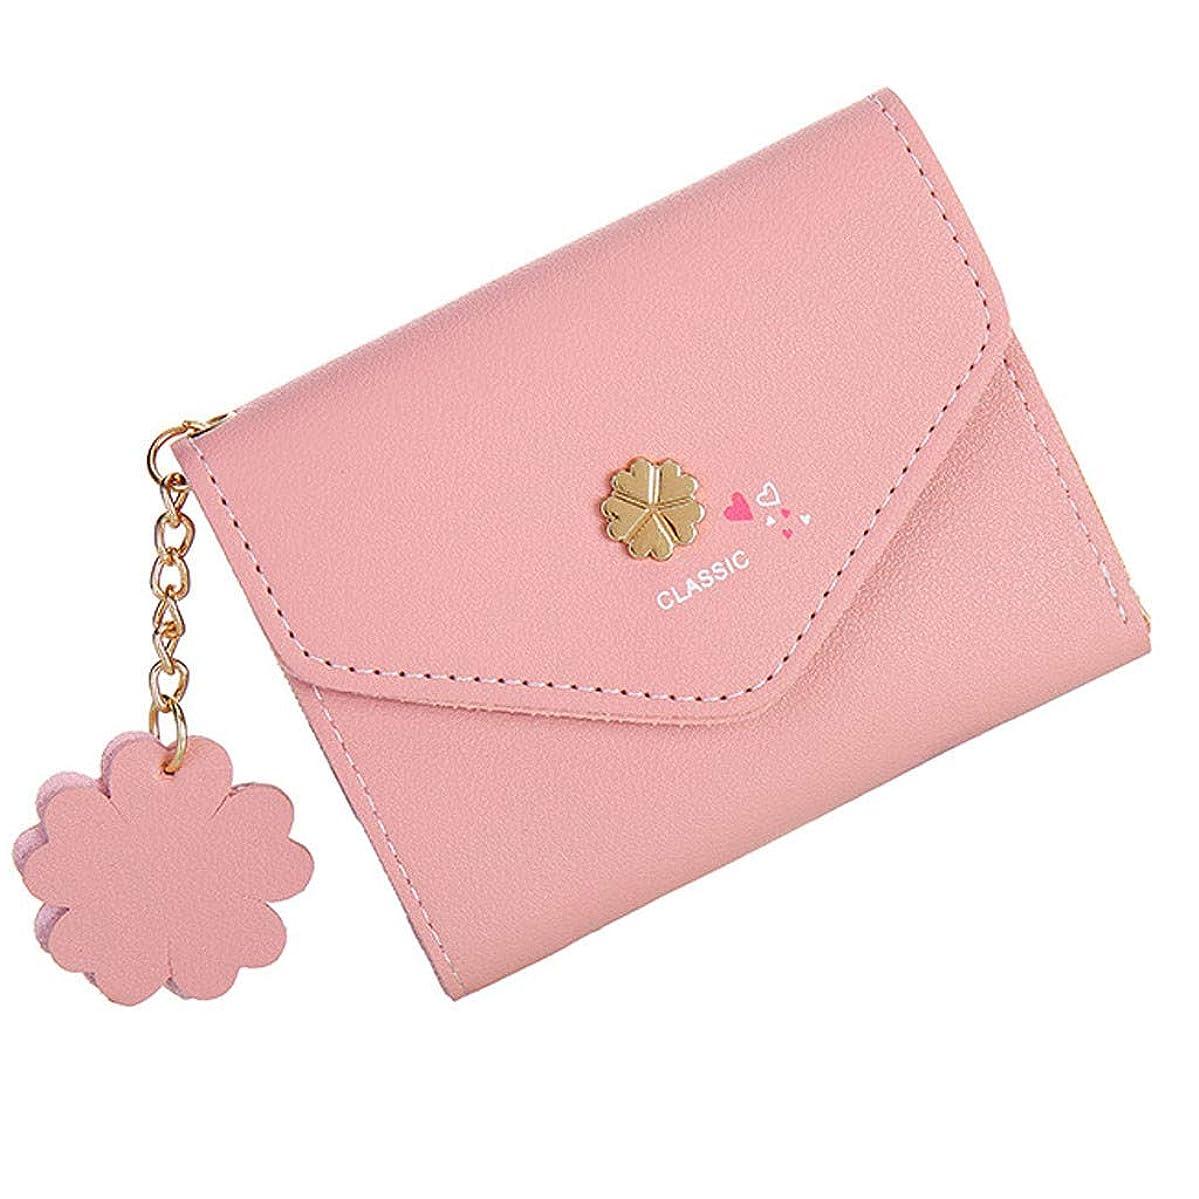 抽出ポータルめったに女性はレトロジッパーショート財布小銭入れハンドバッグが大好き 折り革財布 高級PUレザー 便利 耐久性 軽量 財布 おしゃれ 人気